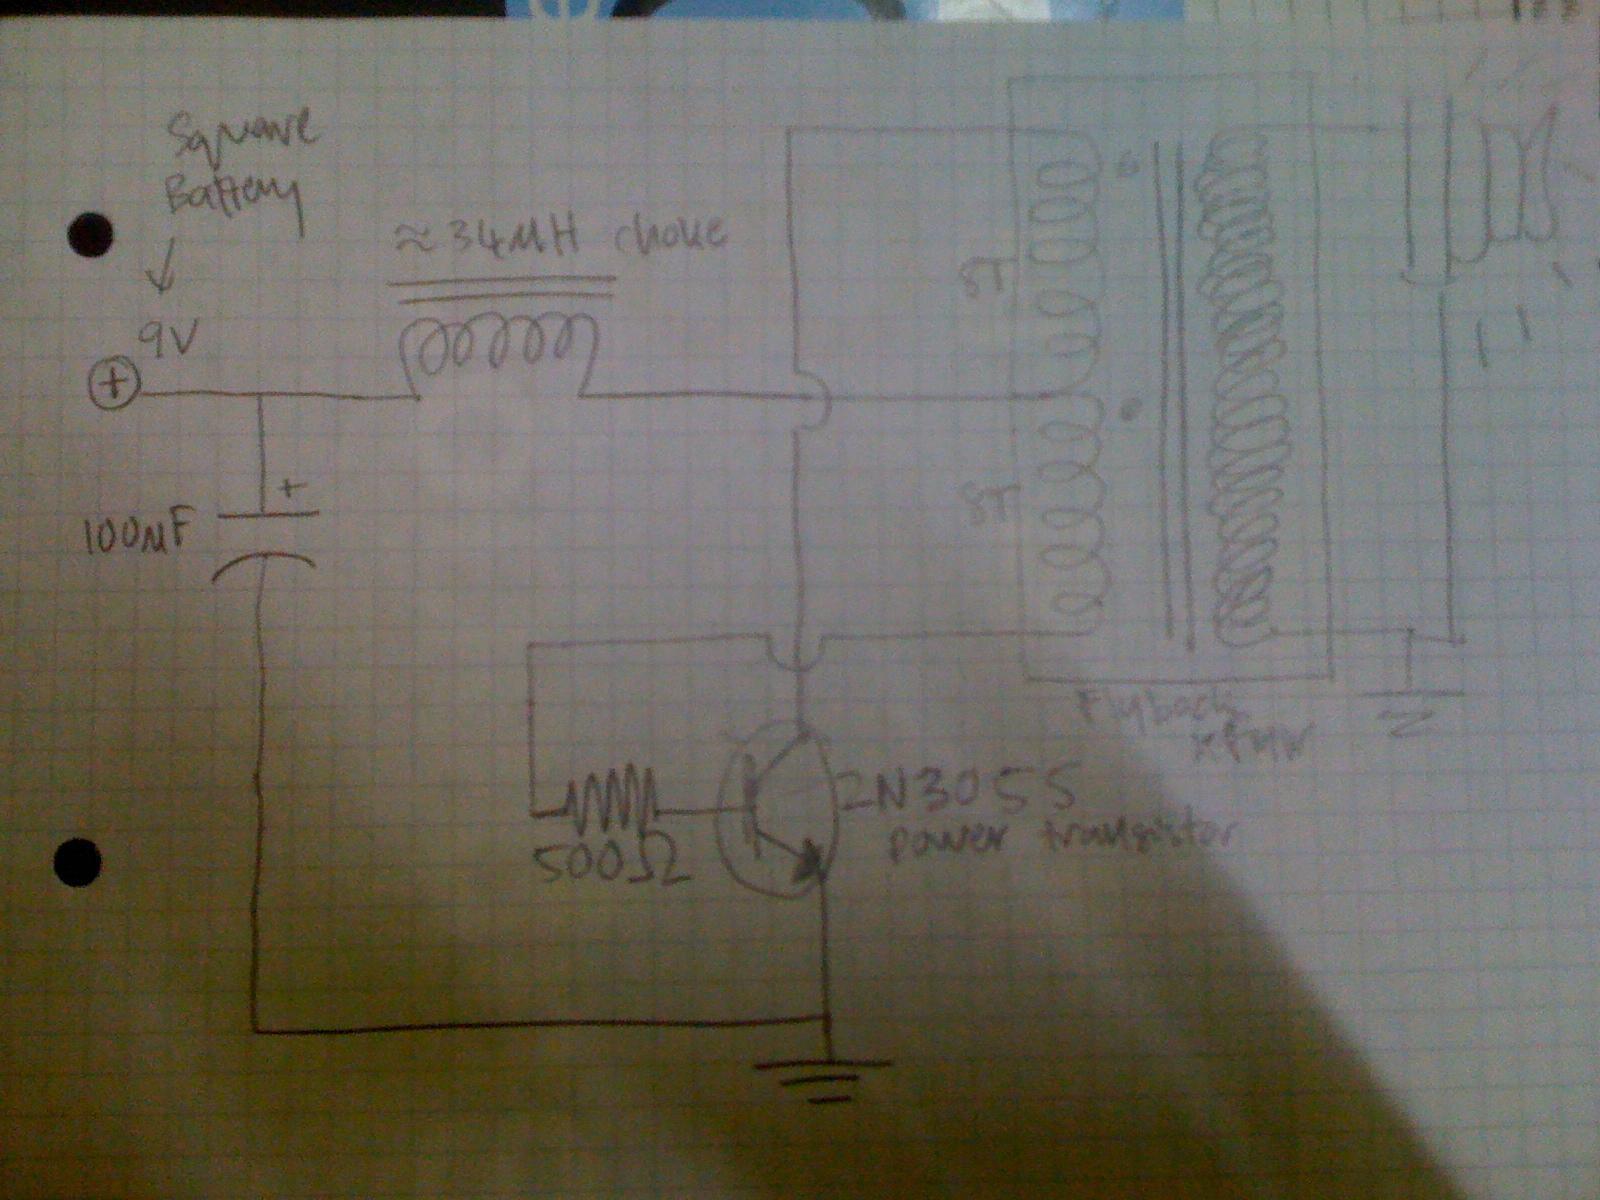 Thorpnics Lighting Fluorescent Bulb Using 9v Battery Led Light Circuit Diagram